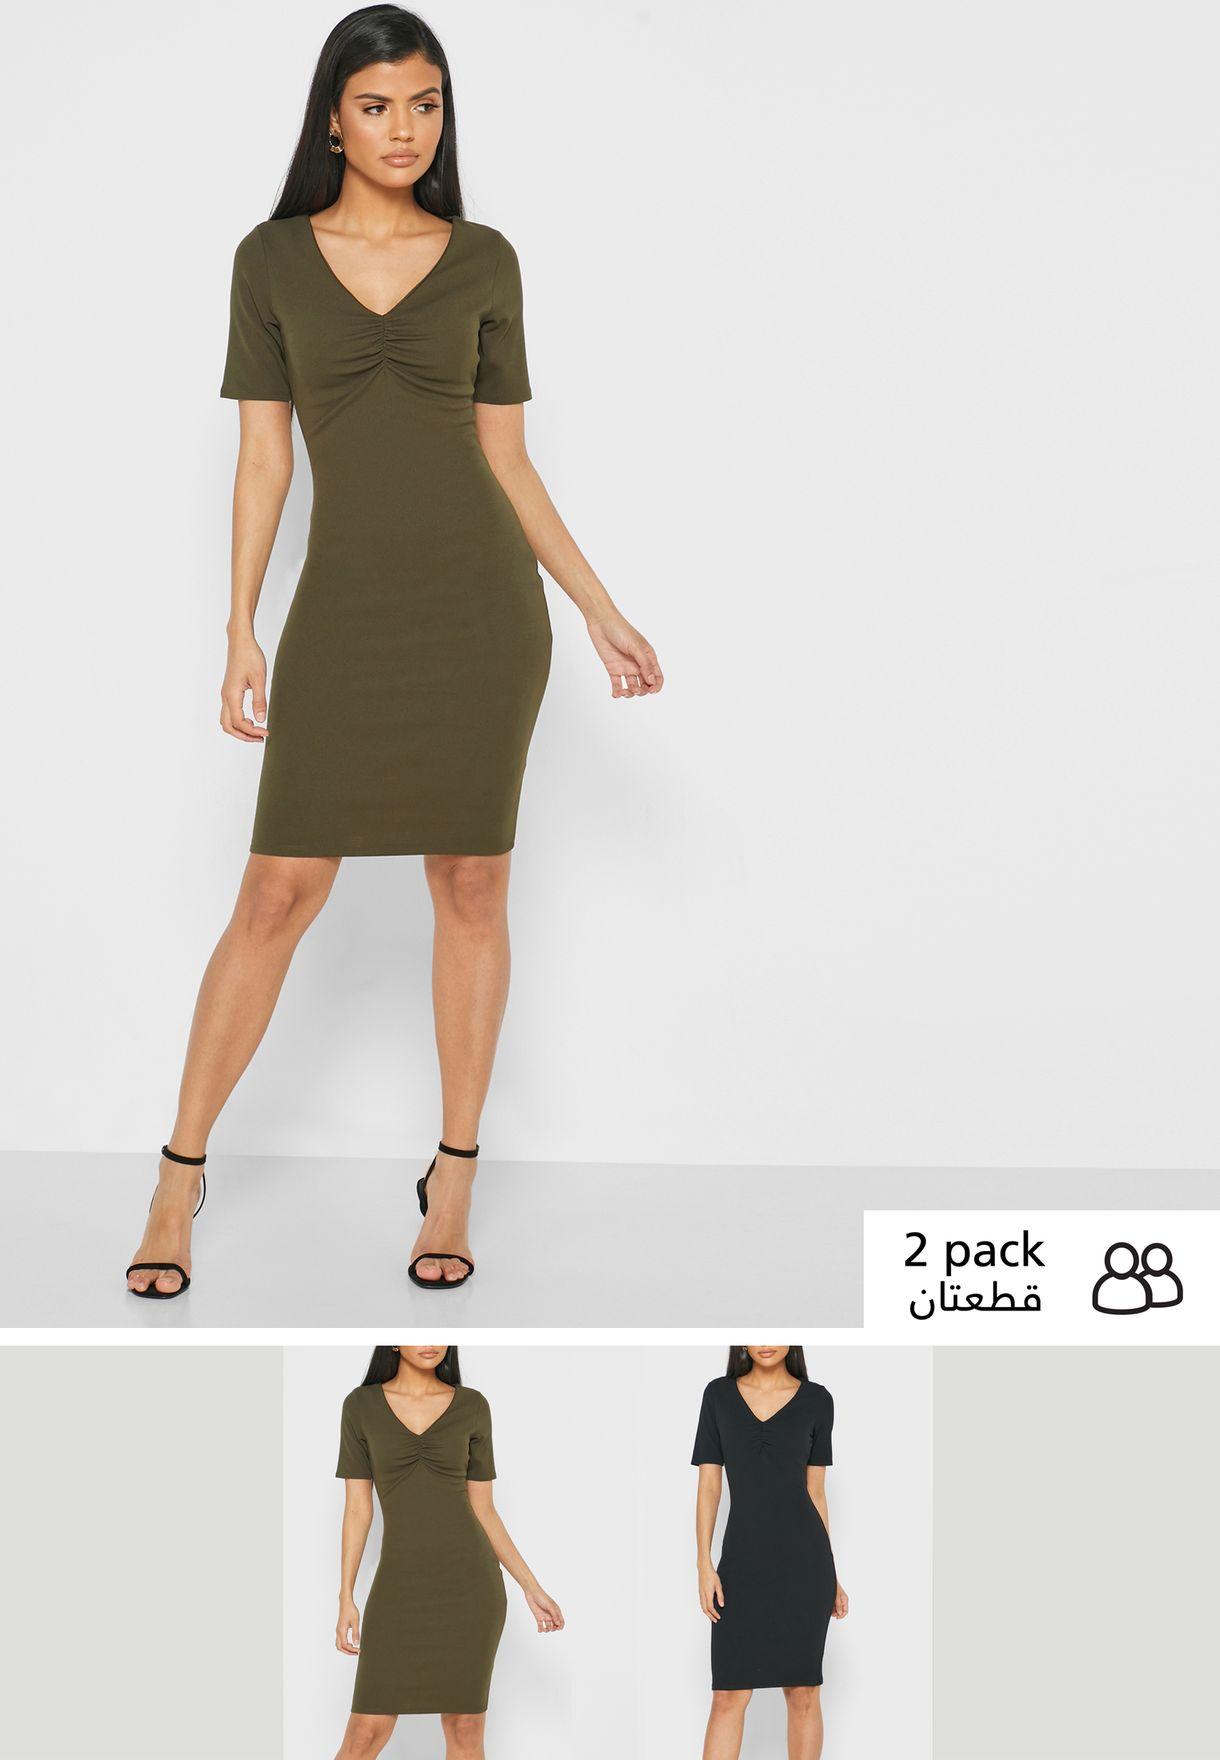 مجموعة من 2 فستان بديكون